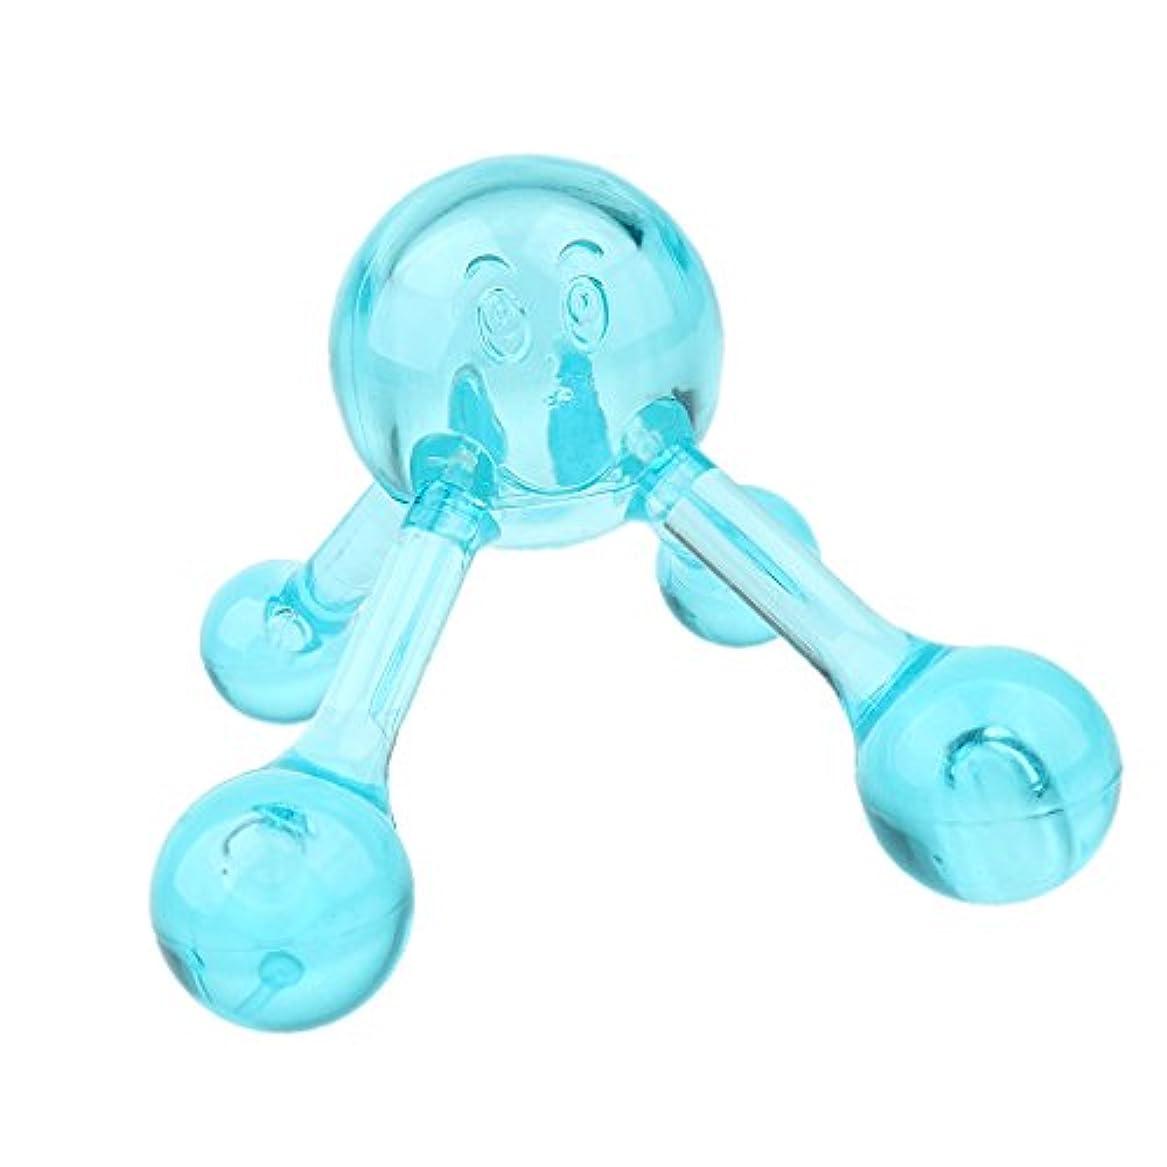 派生するマート錆びBaoblaze ネック ショルダー バック マッサージボール マニュアル ローラーマッサージャー プラスチック製